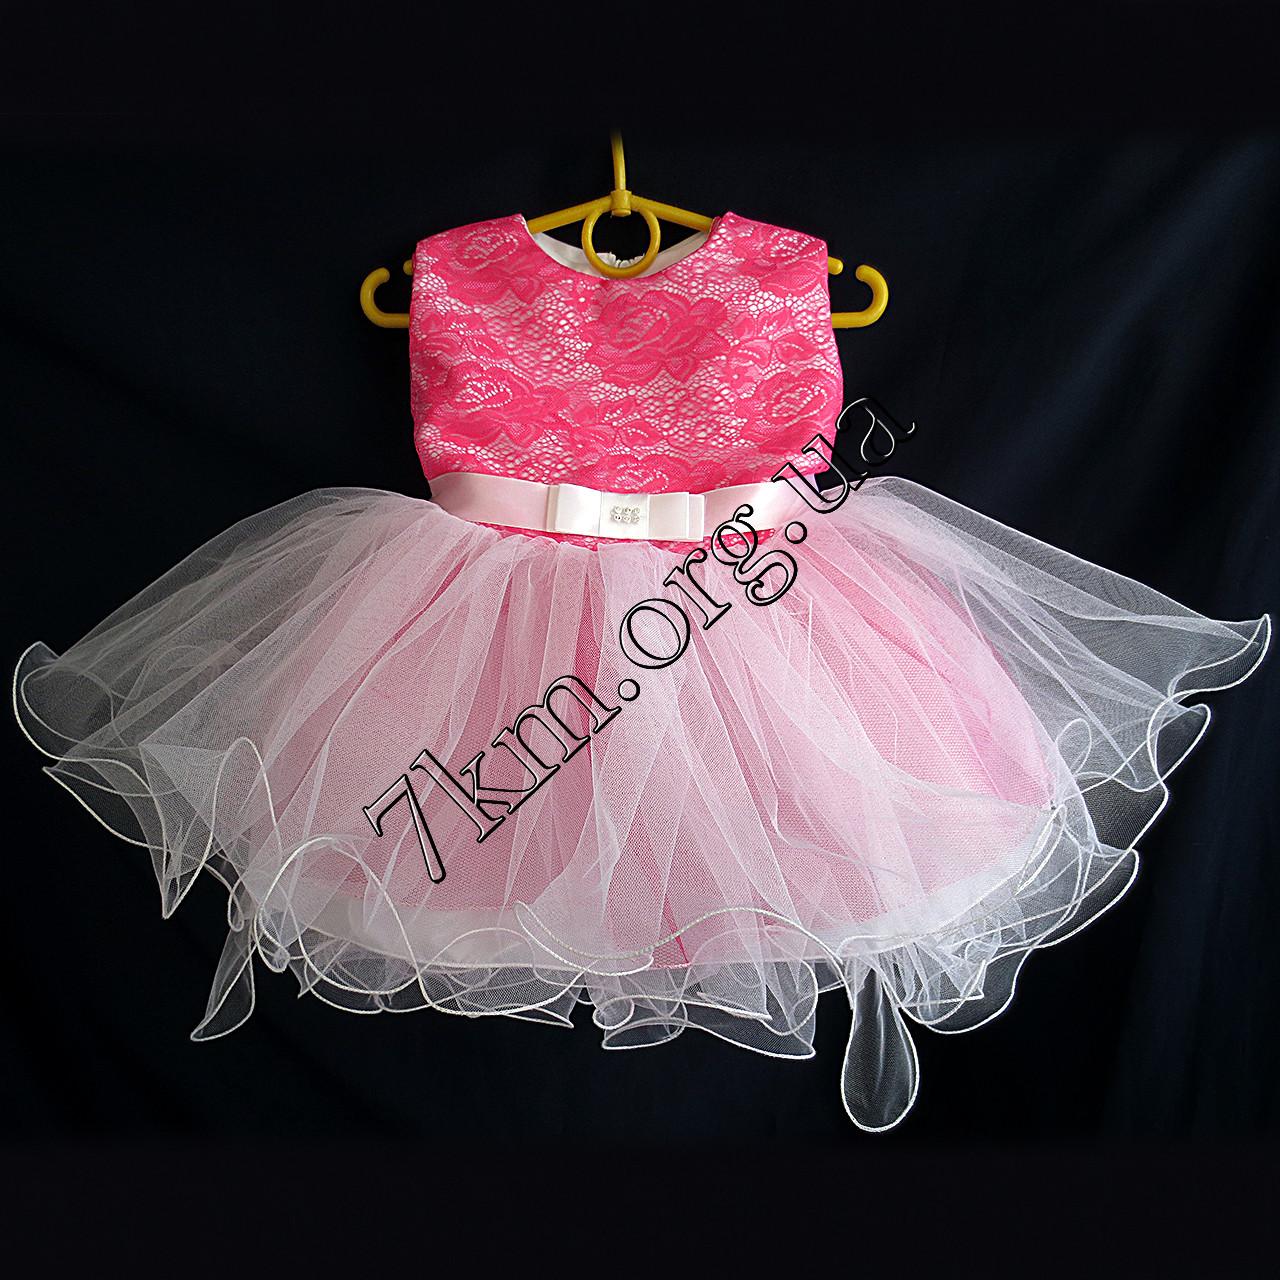 """Платье нарядное бальное детское 1-2 года """"Малявка"""" ярко розовый +белый Украина оптом"""